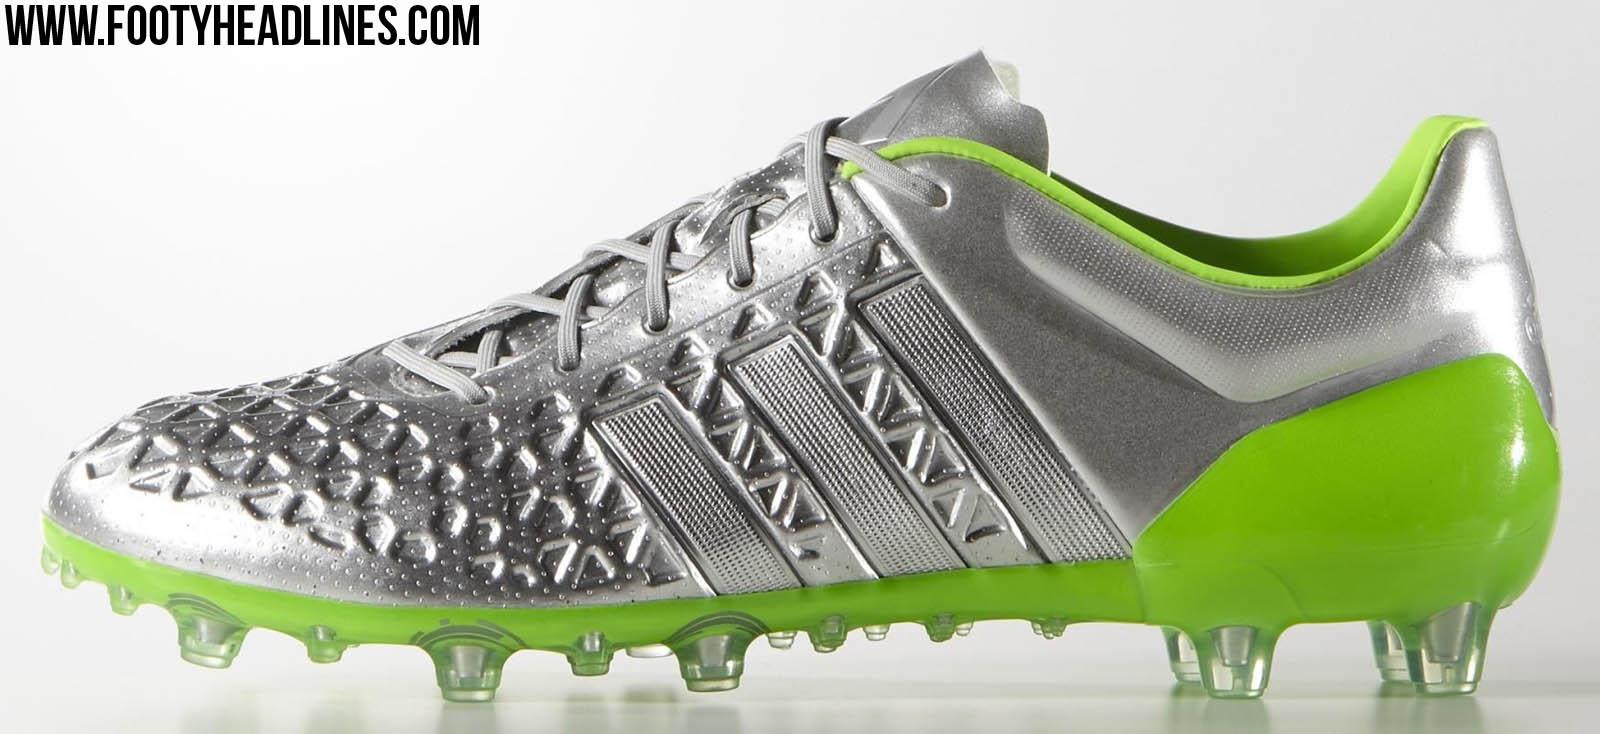 dc020e1062c ... canada adidas ace 15.1 eskolaite chrome solar green 703a9 4635d